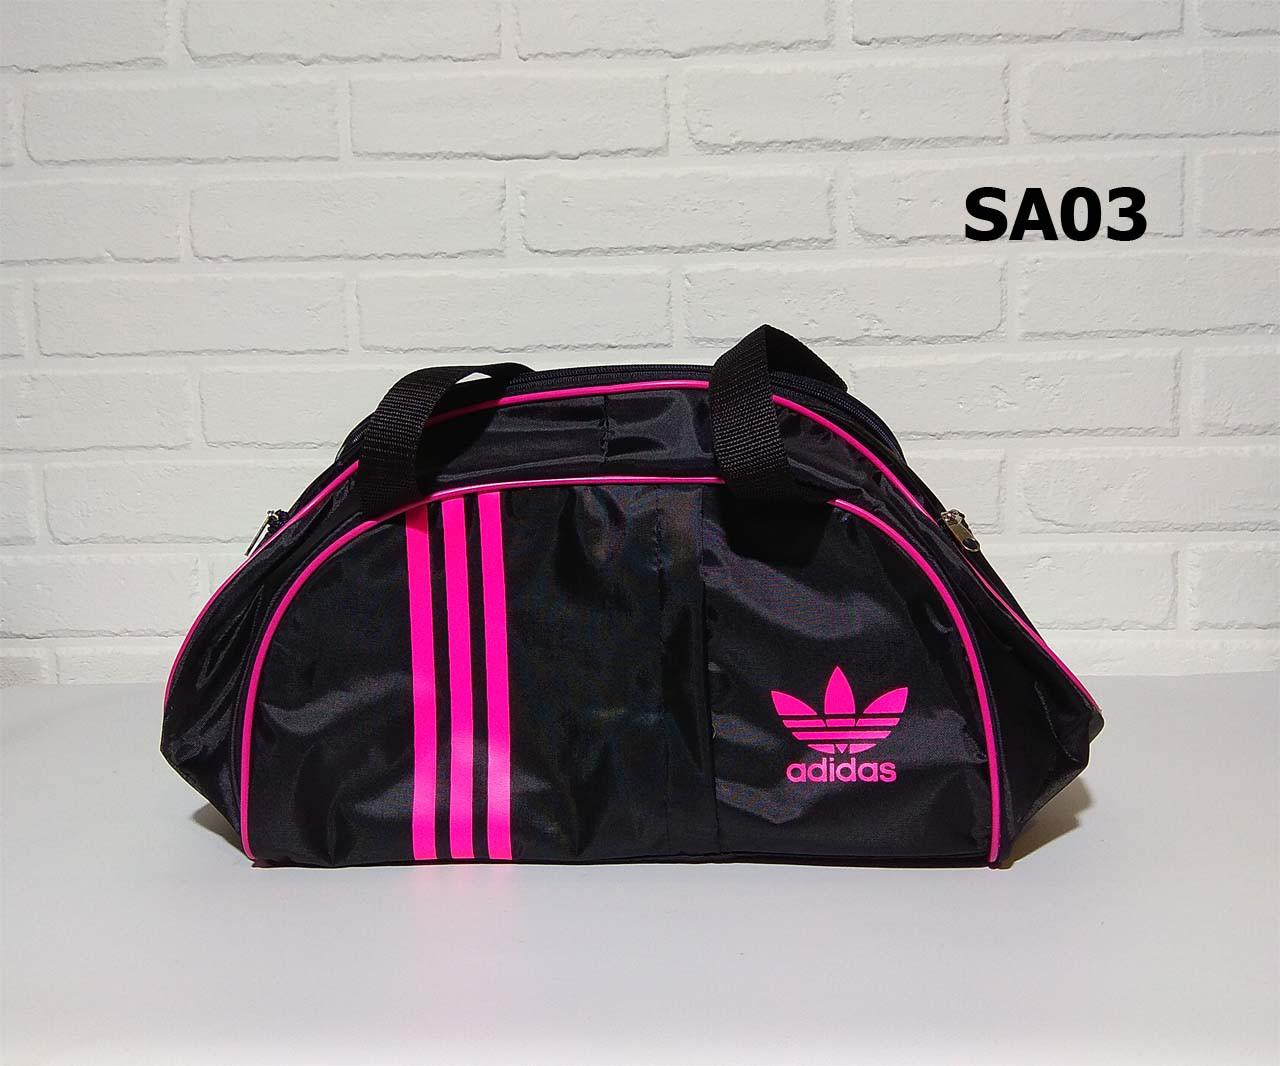 Спортивная сумка адидас, adidas для фитнеса с плечевым ремнем. Черная с розовым